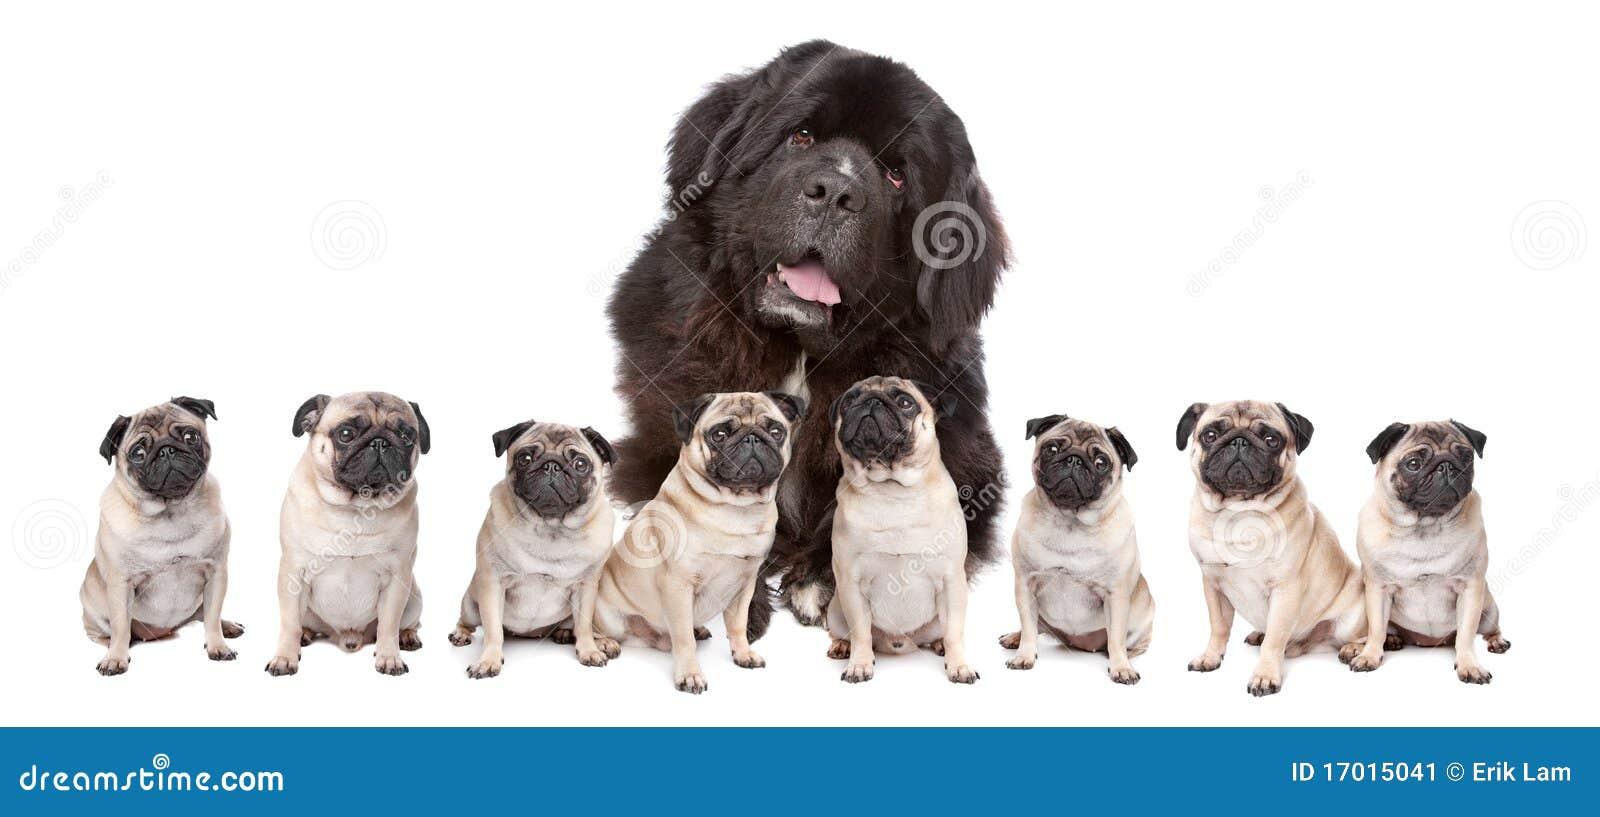 Big Dog Small Dogs Stock Image - Image: 17015041